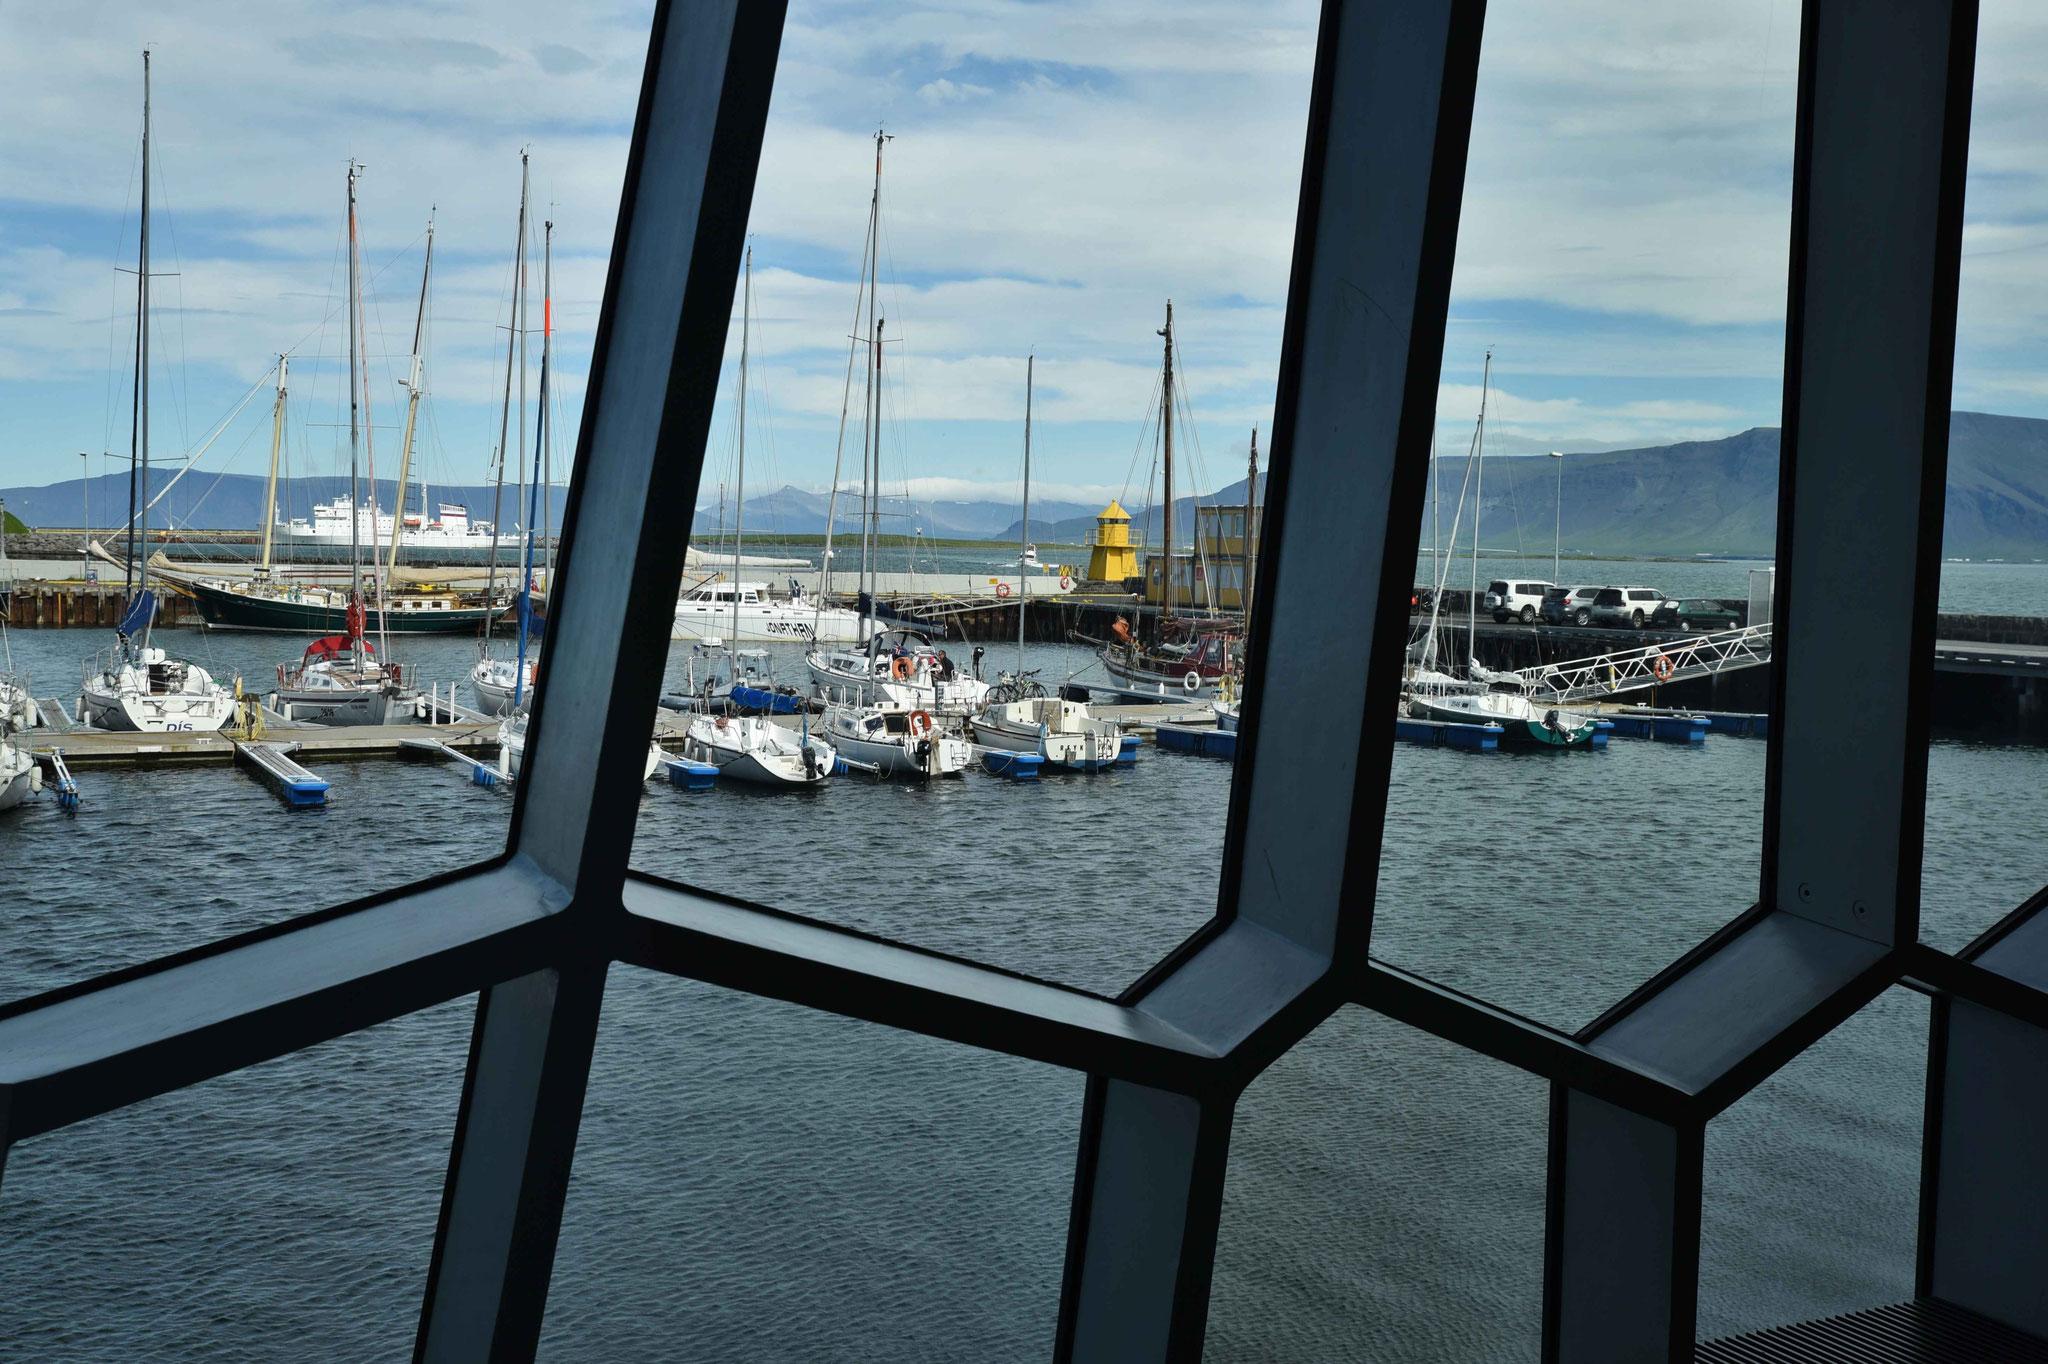 Blick von Innen auf den Hafen